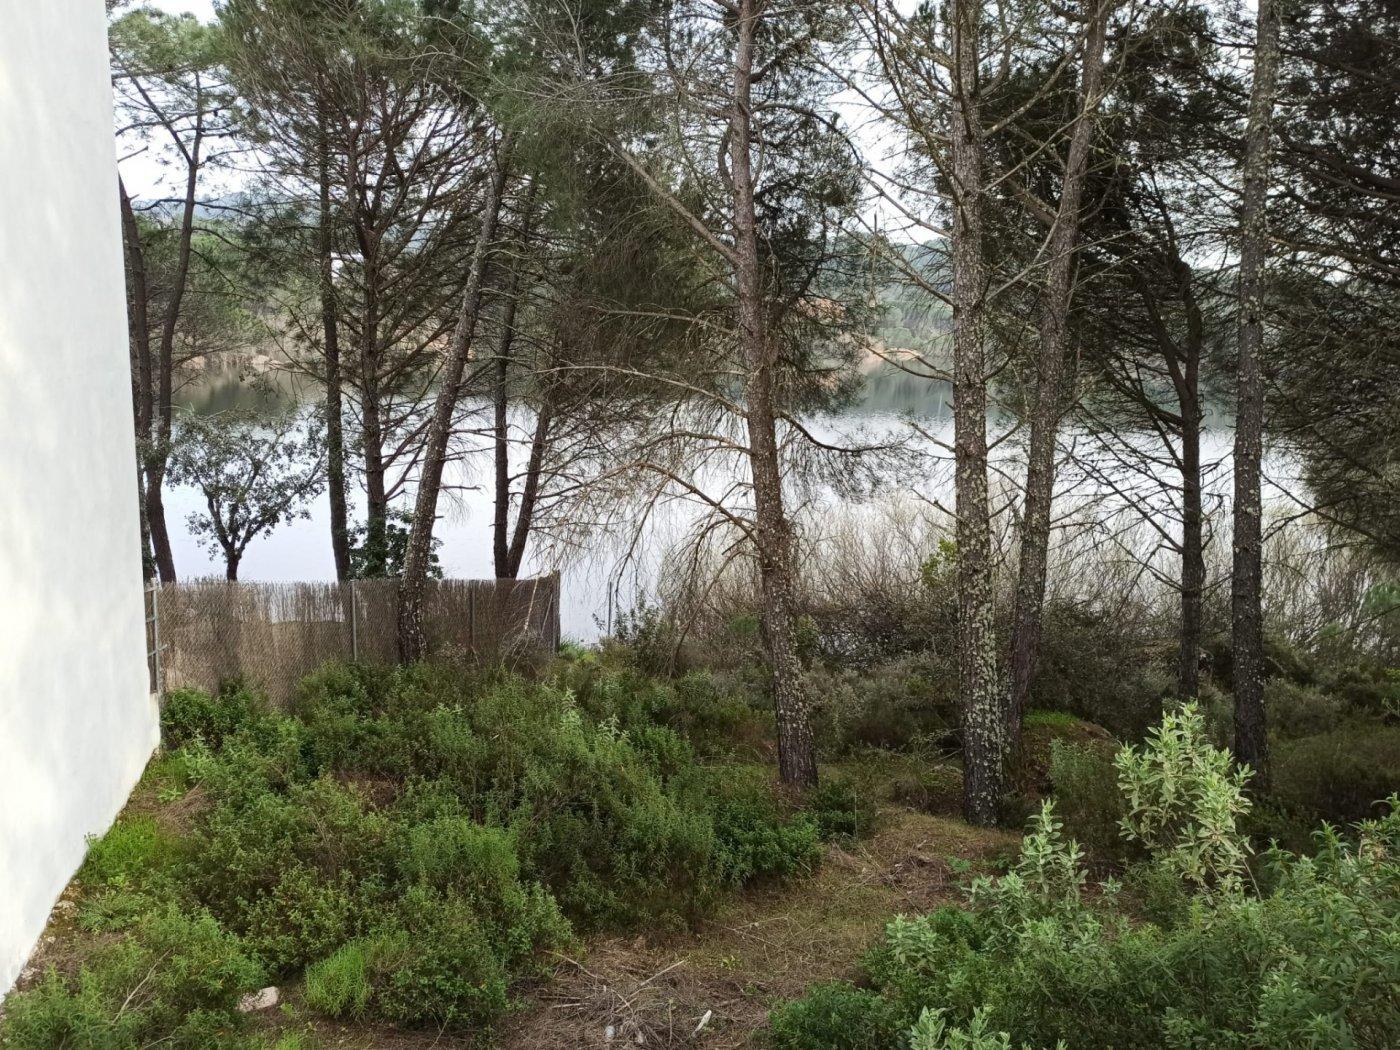 Se vende parcela urbana en las jaras a orilla del lago - imagenInmueble17